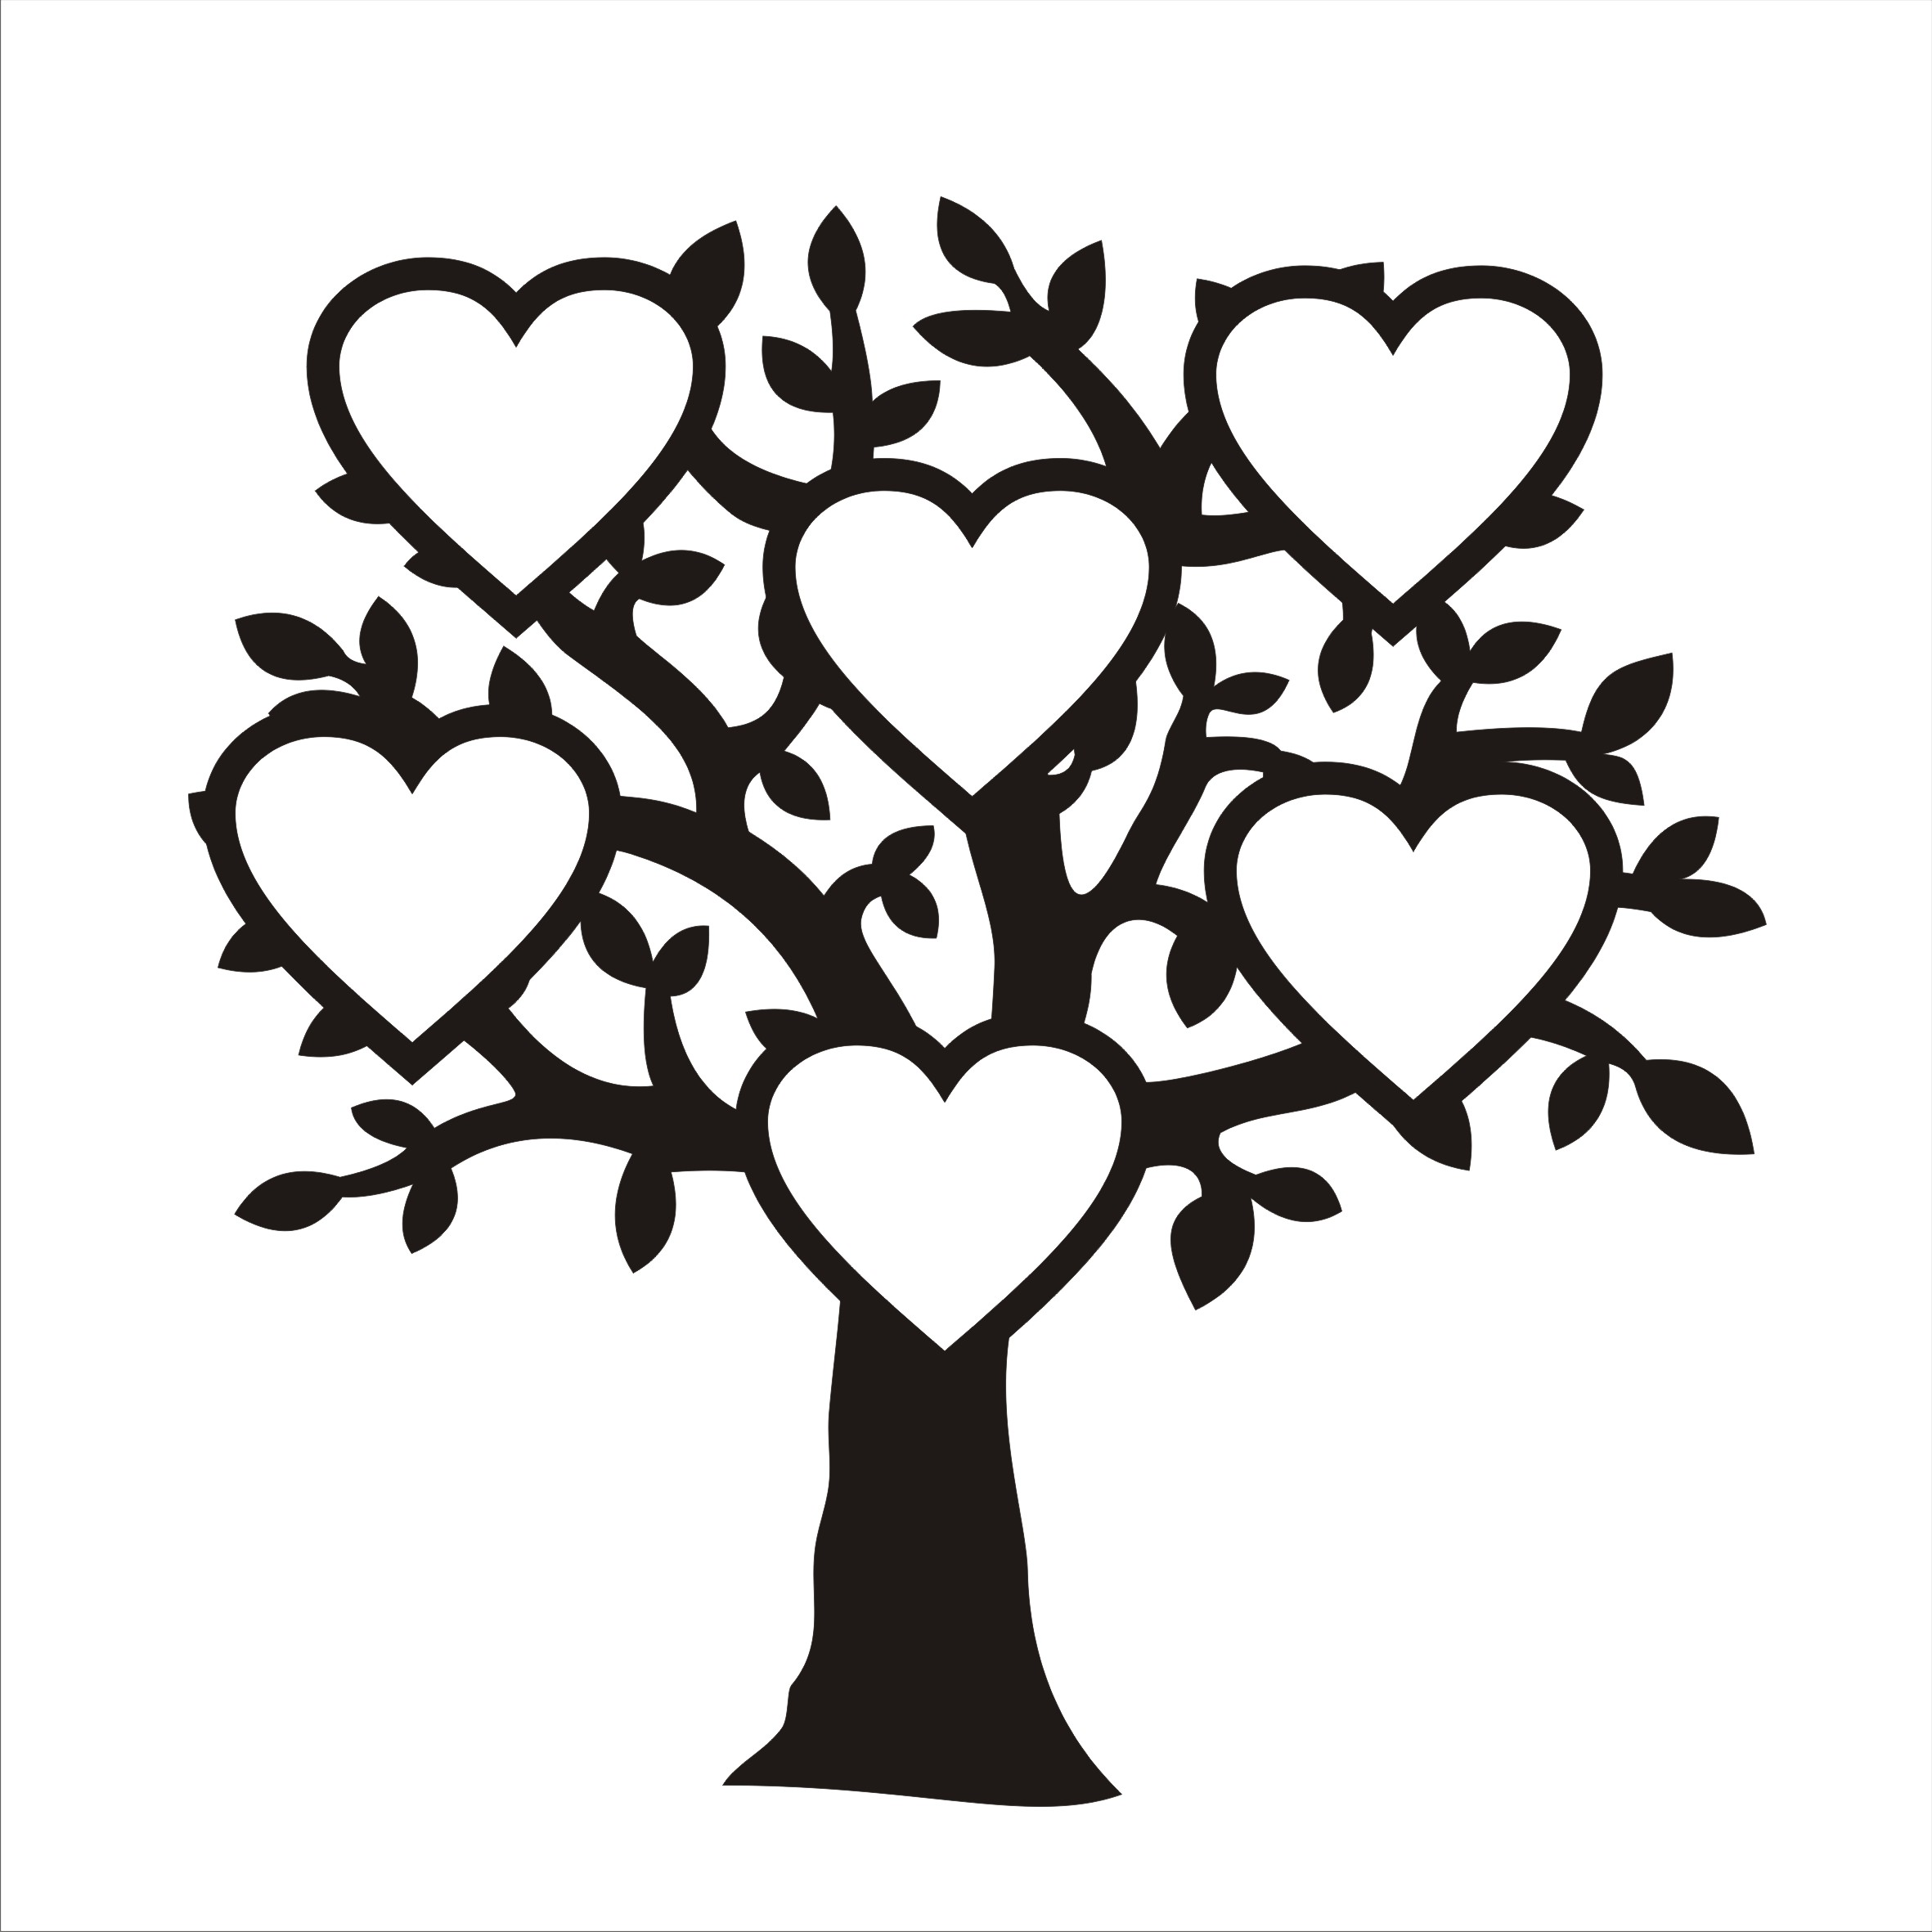 если картинка дерева с сердечками является